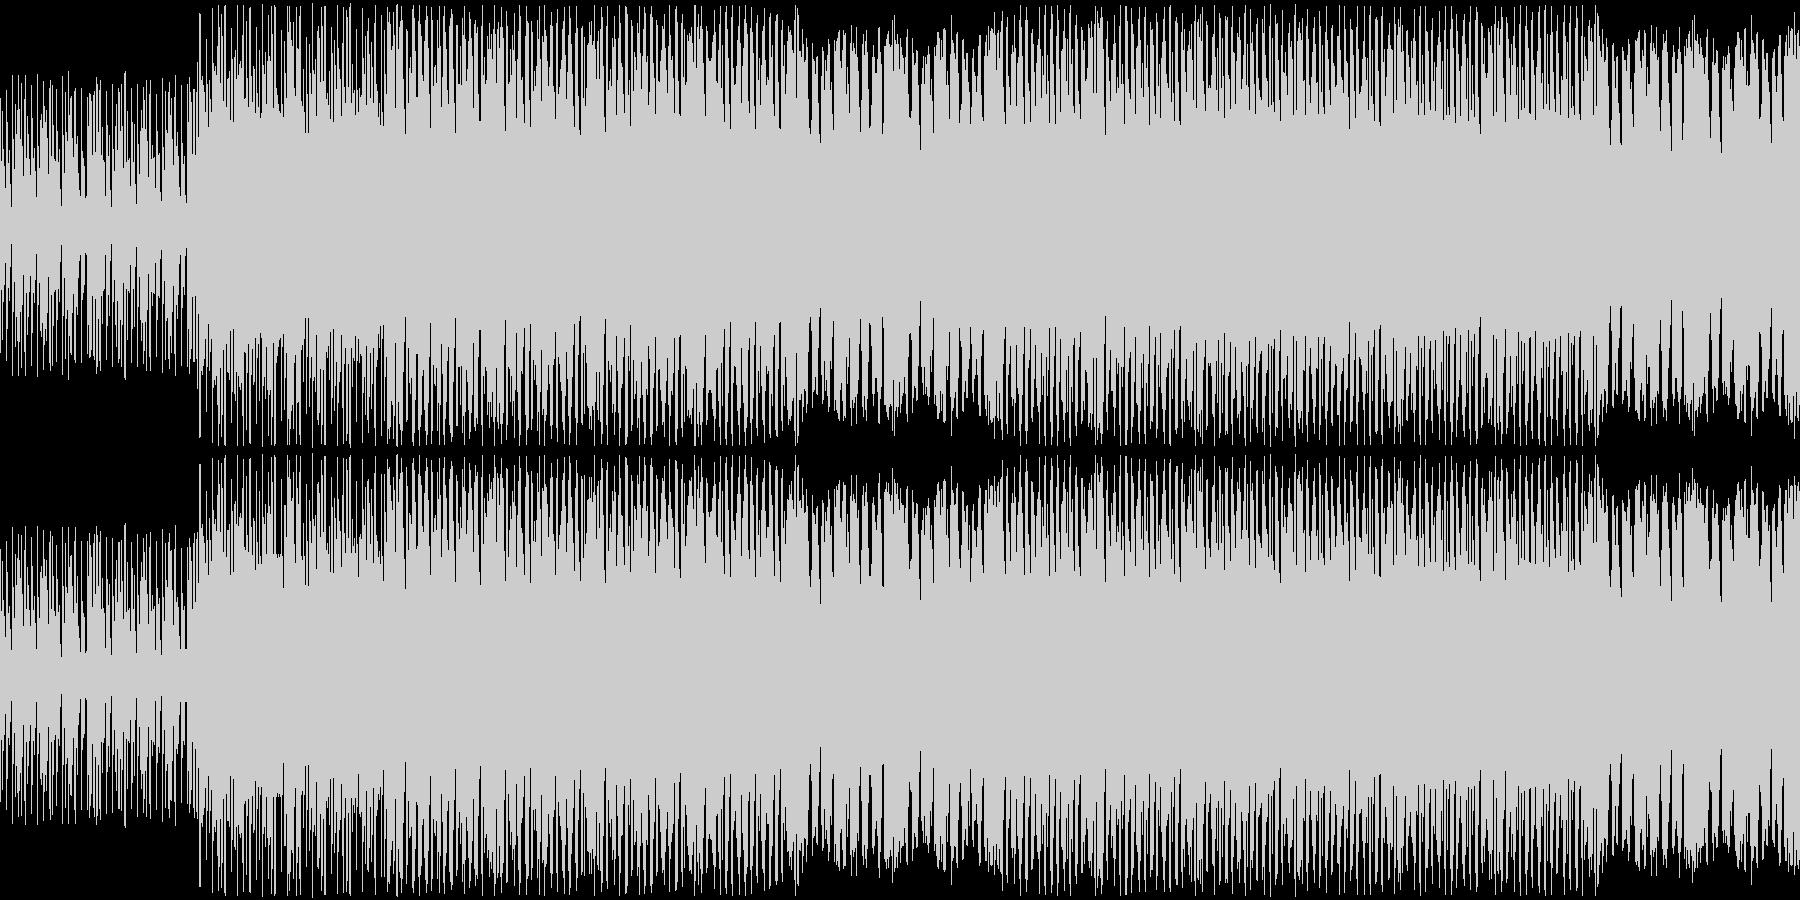 ラスボスアタック風BGMの未再生の波形